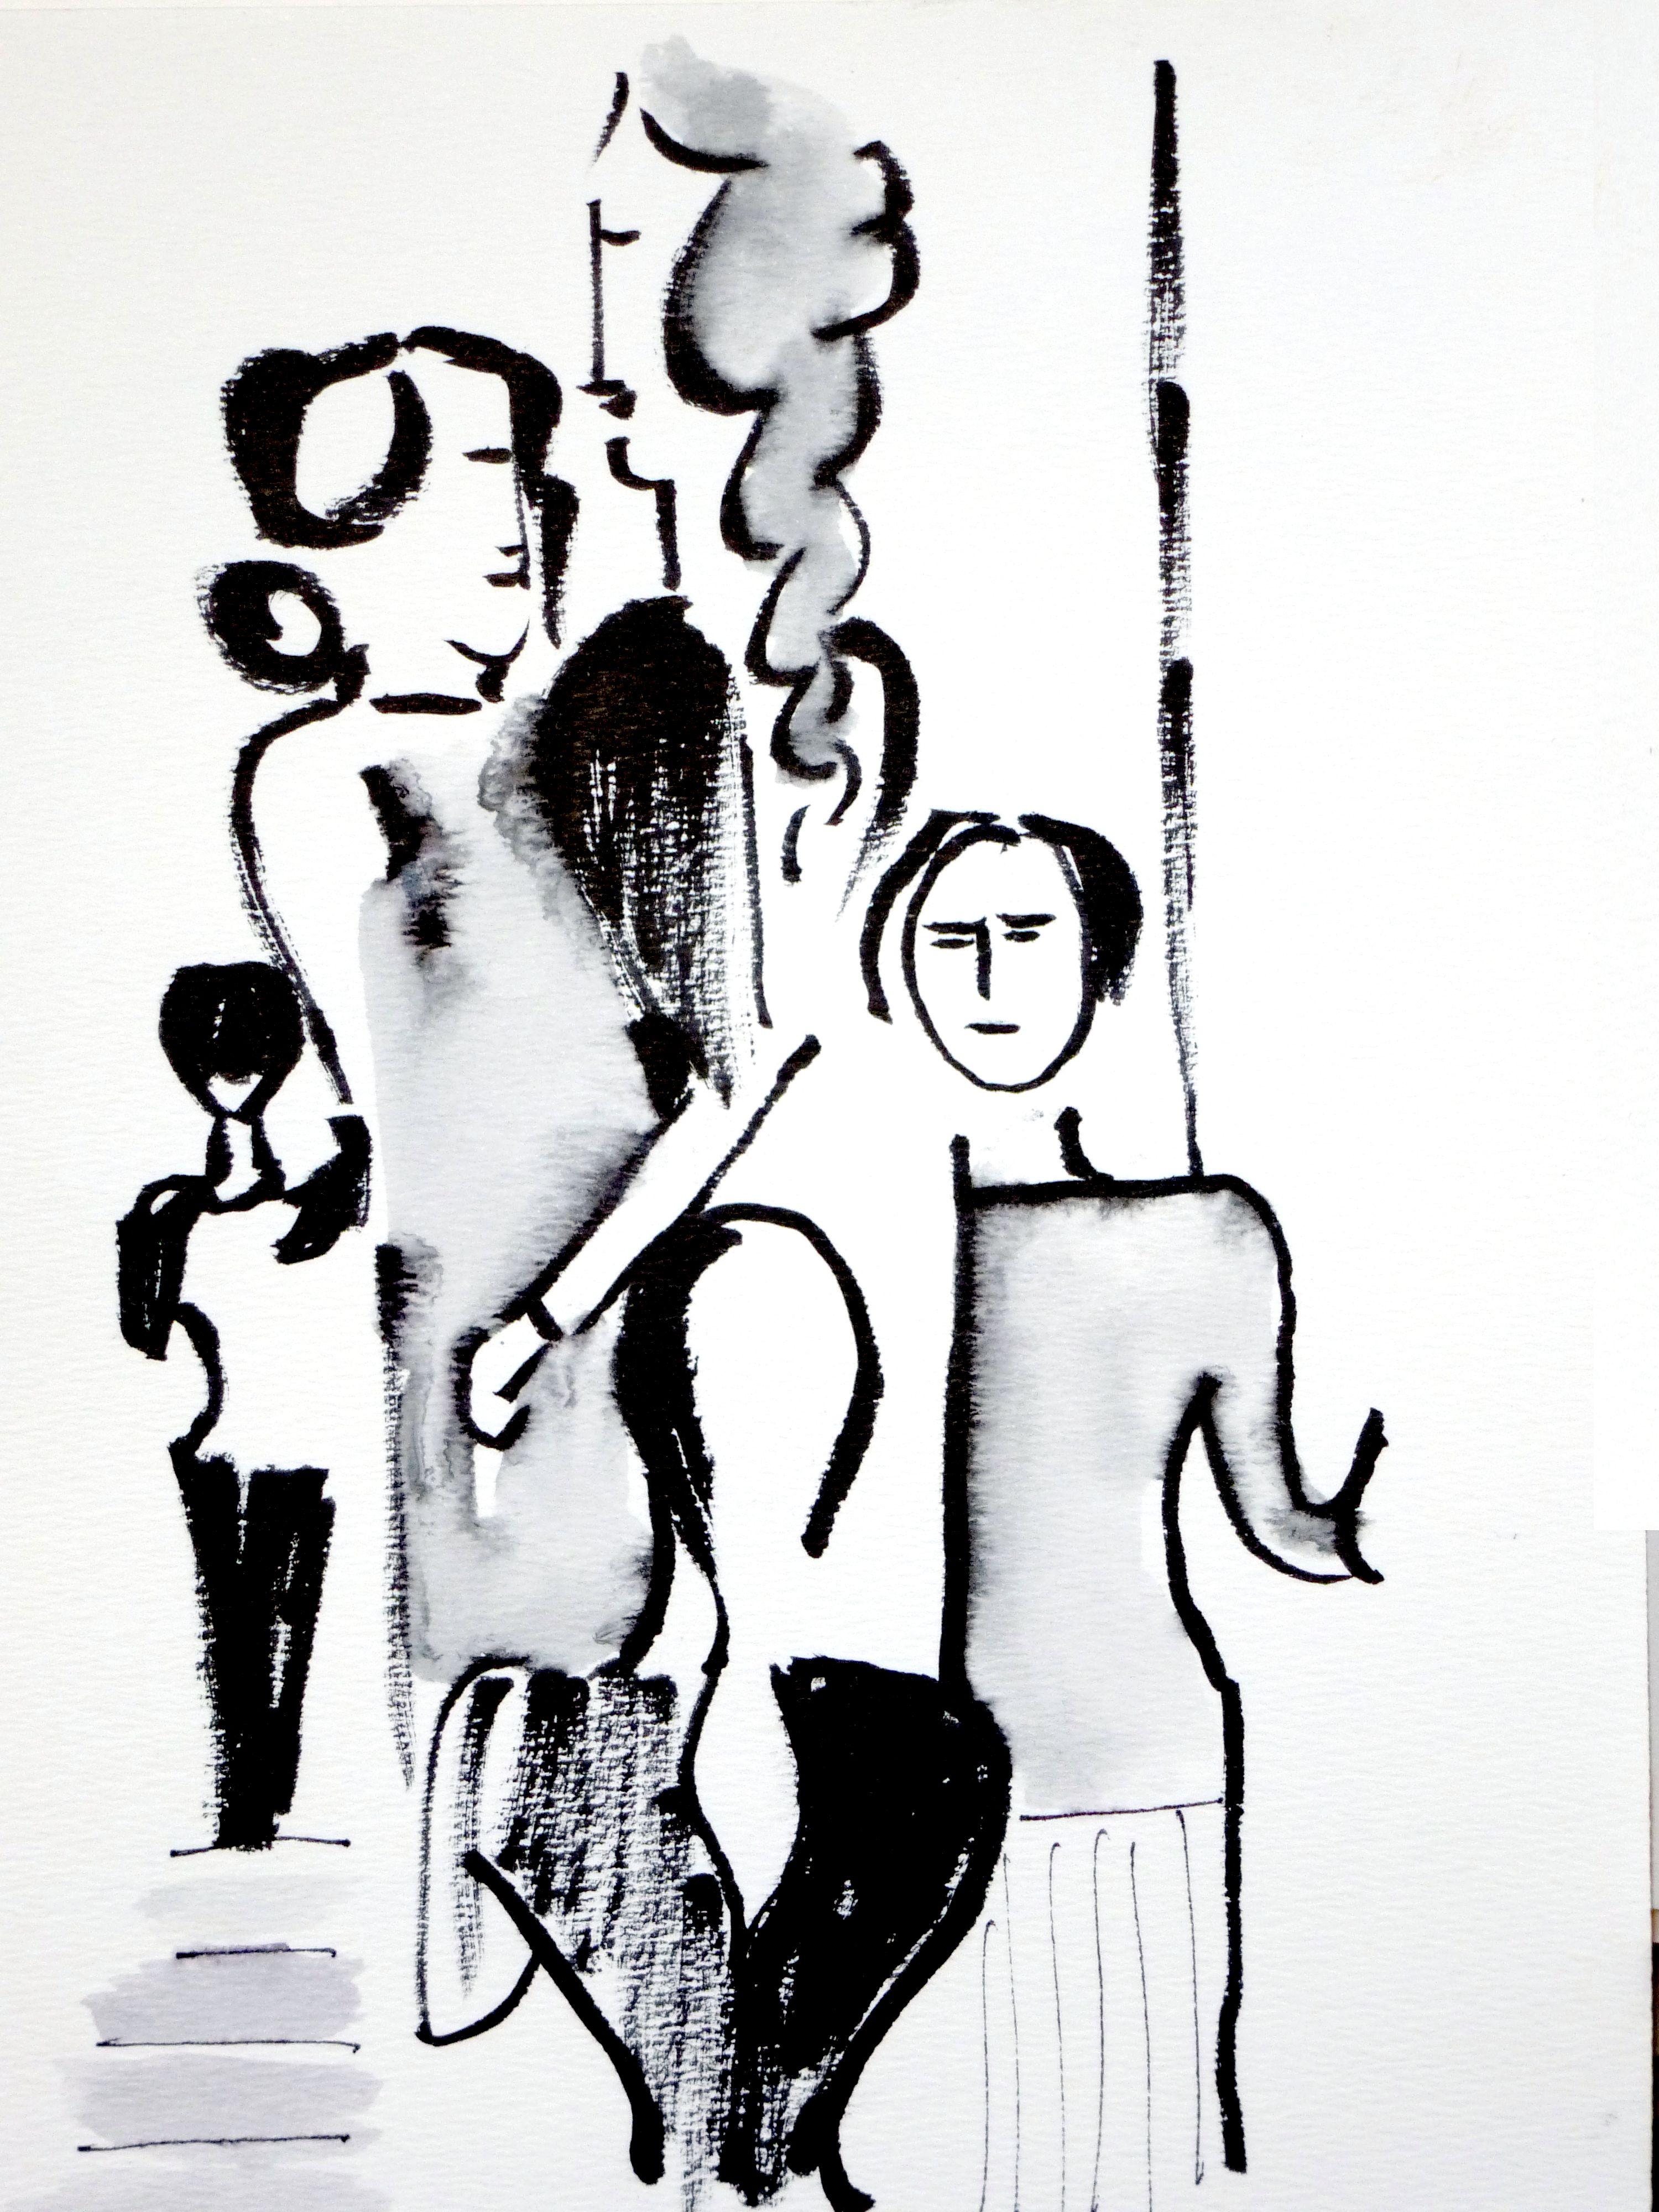 dessin perso  d'après peinture  d'Oscar Schlemmer - musée des Beaux-Arts de Bâle